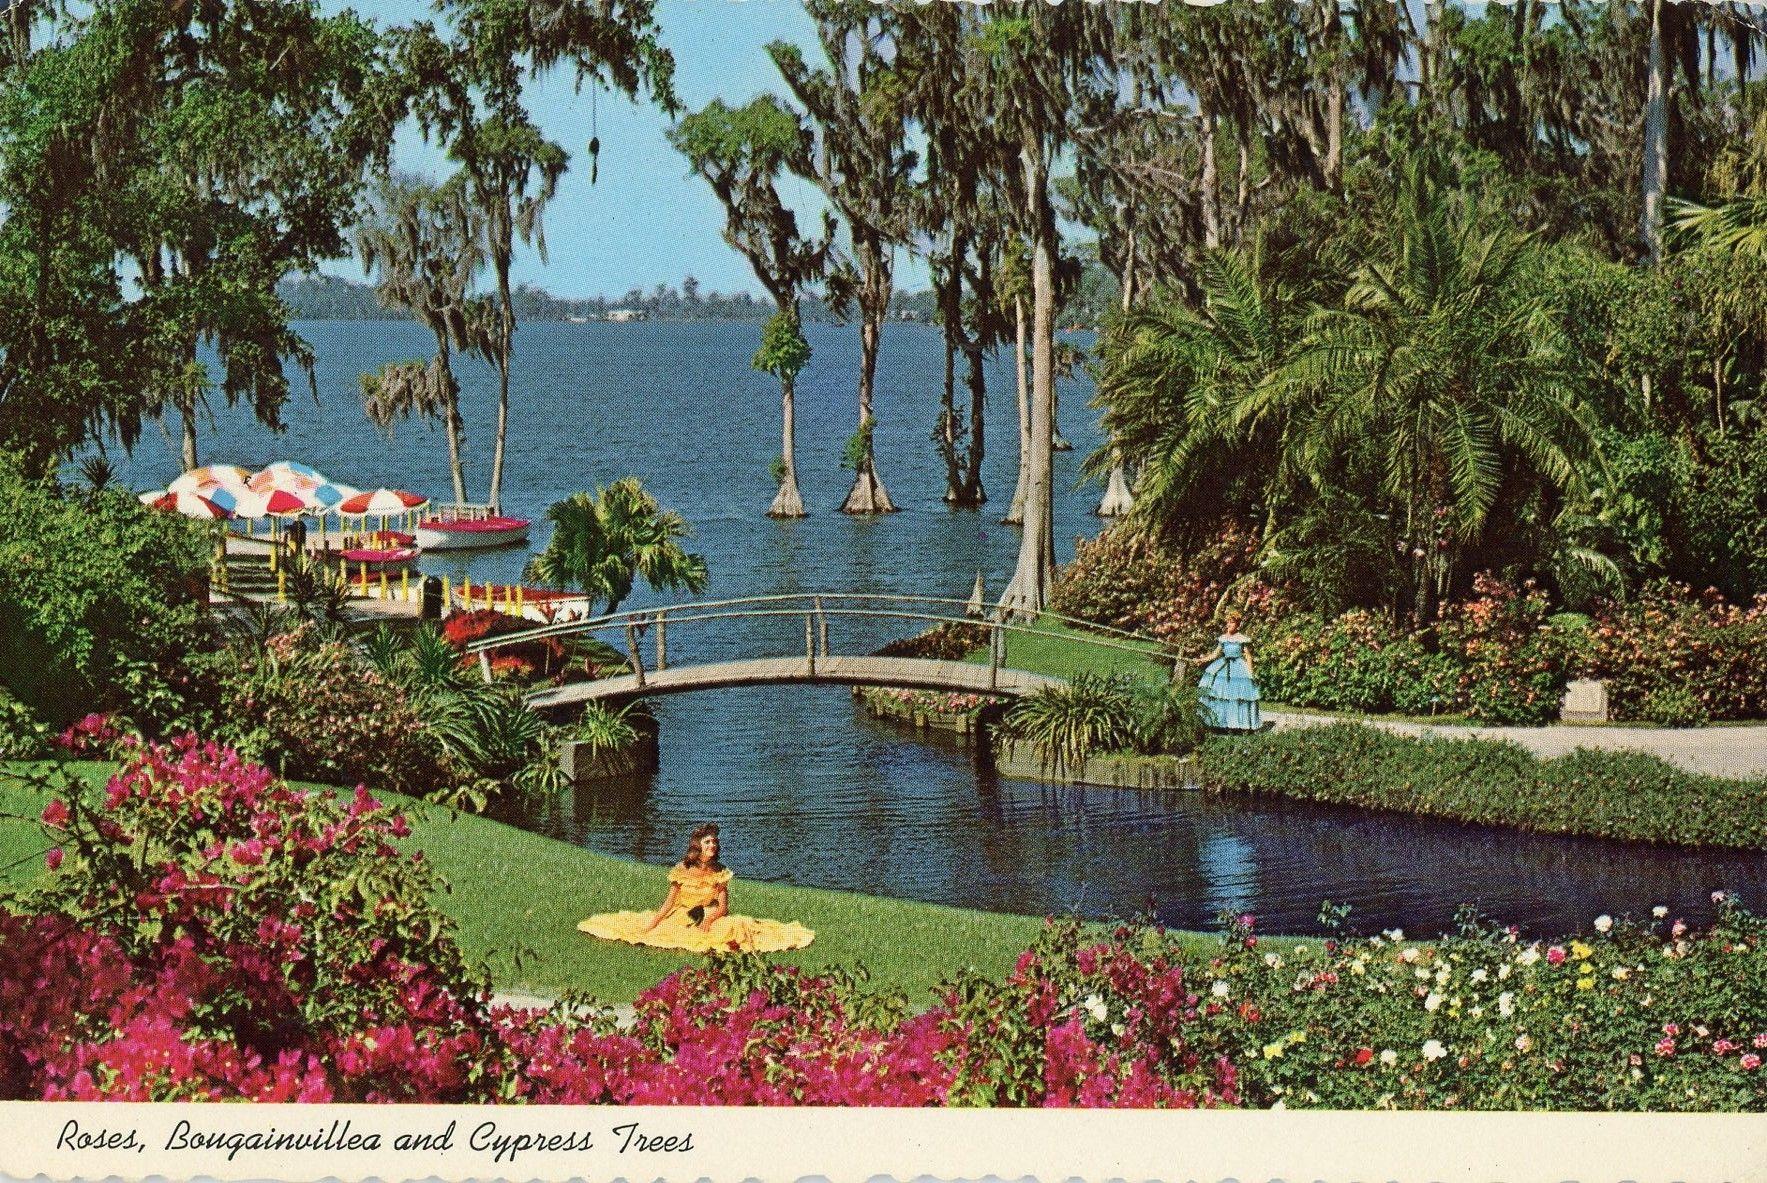 d6fc96d685728de7dfd9af88e4ce5105 - Is Cypress Gardens In Florida Still Open